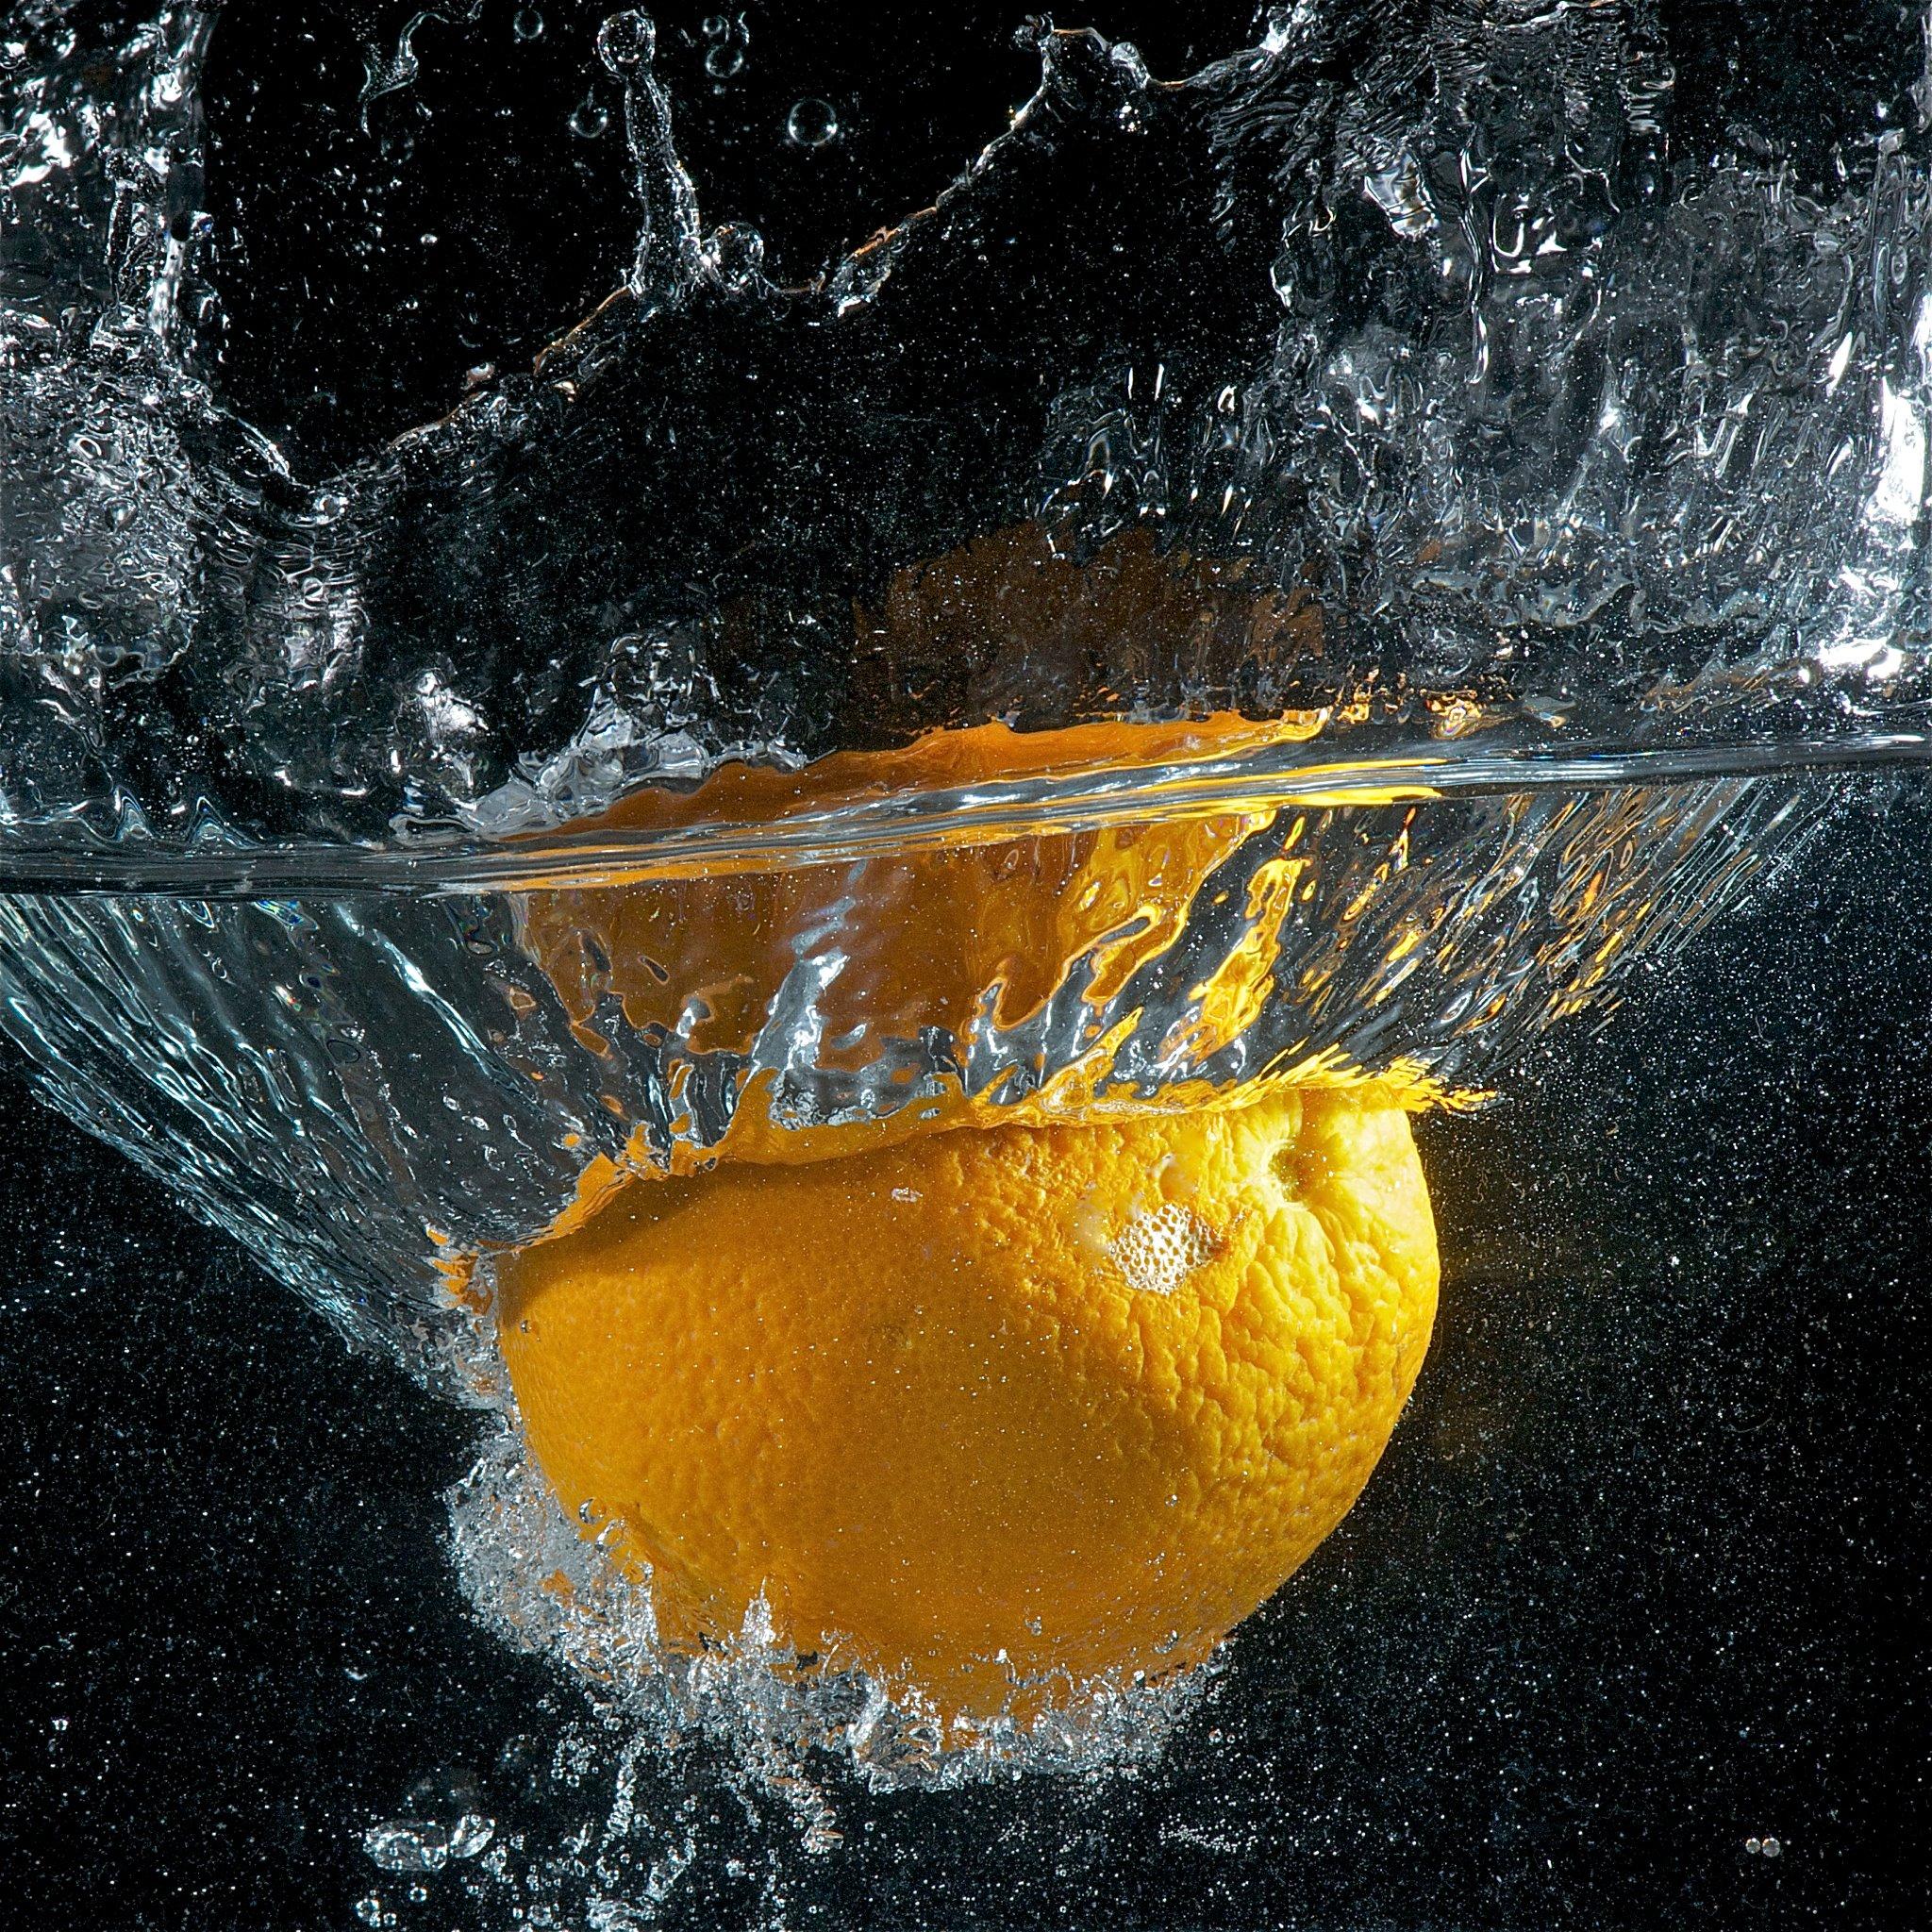 Ricetta integratore idro salino da fare a casa a costo zero dieta nutrizione benessere - Costo costruire casa da zero ...